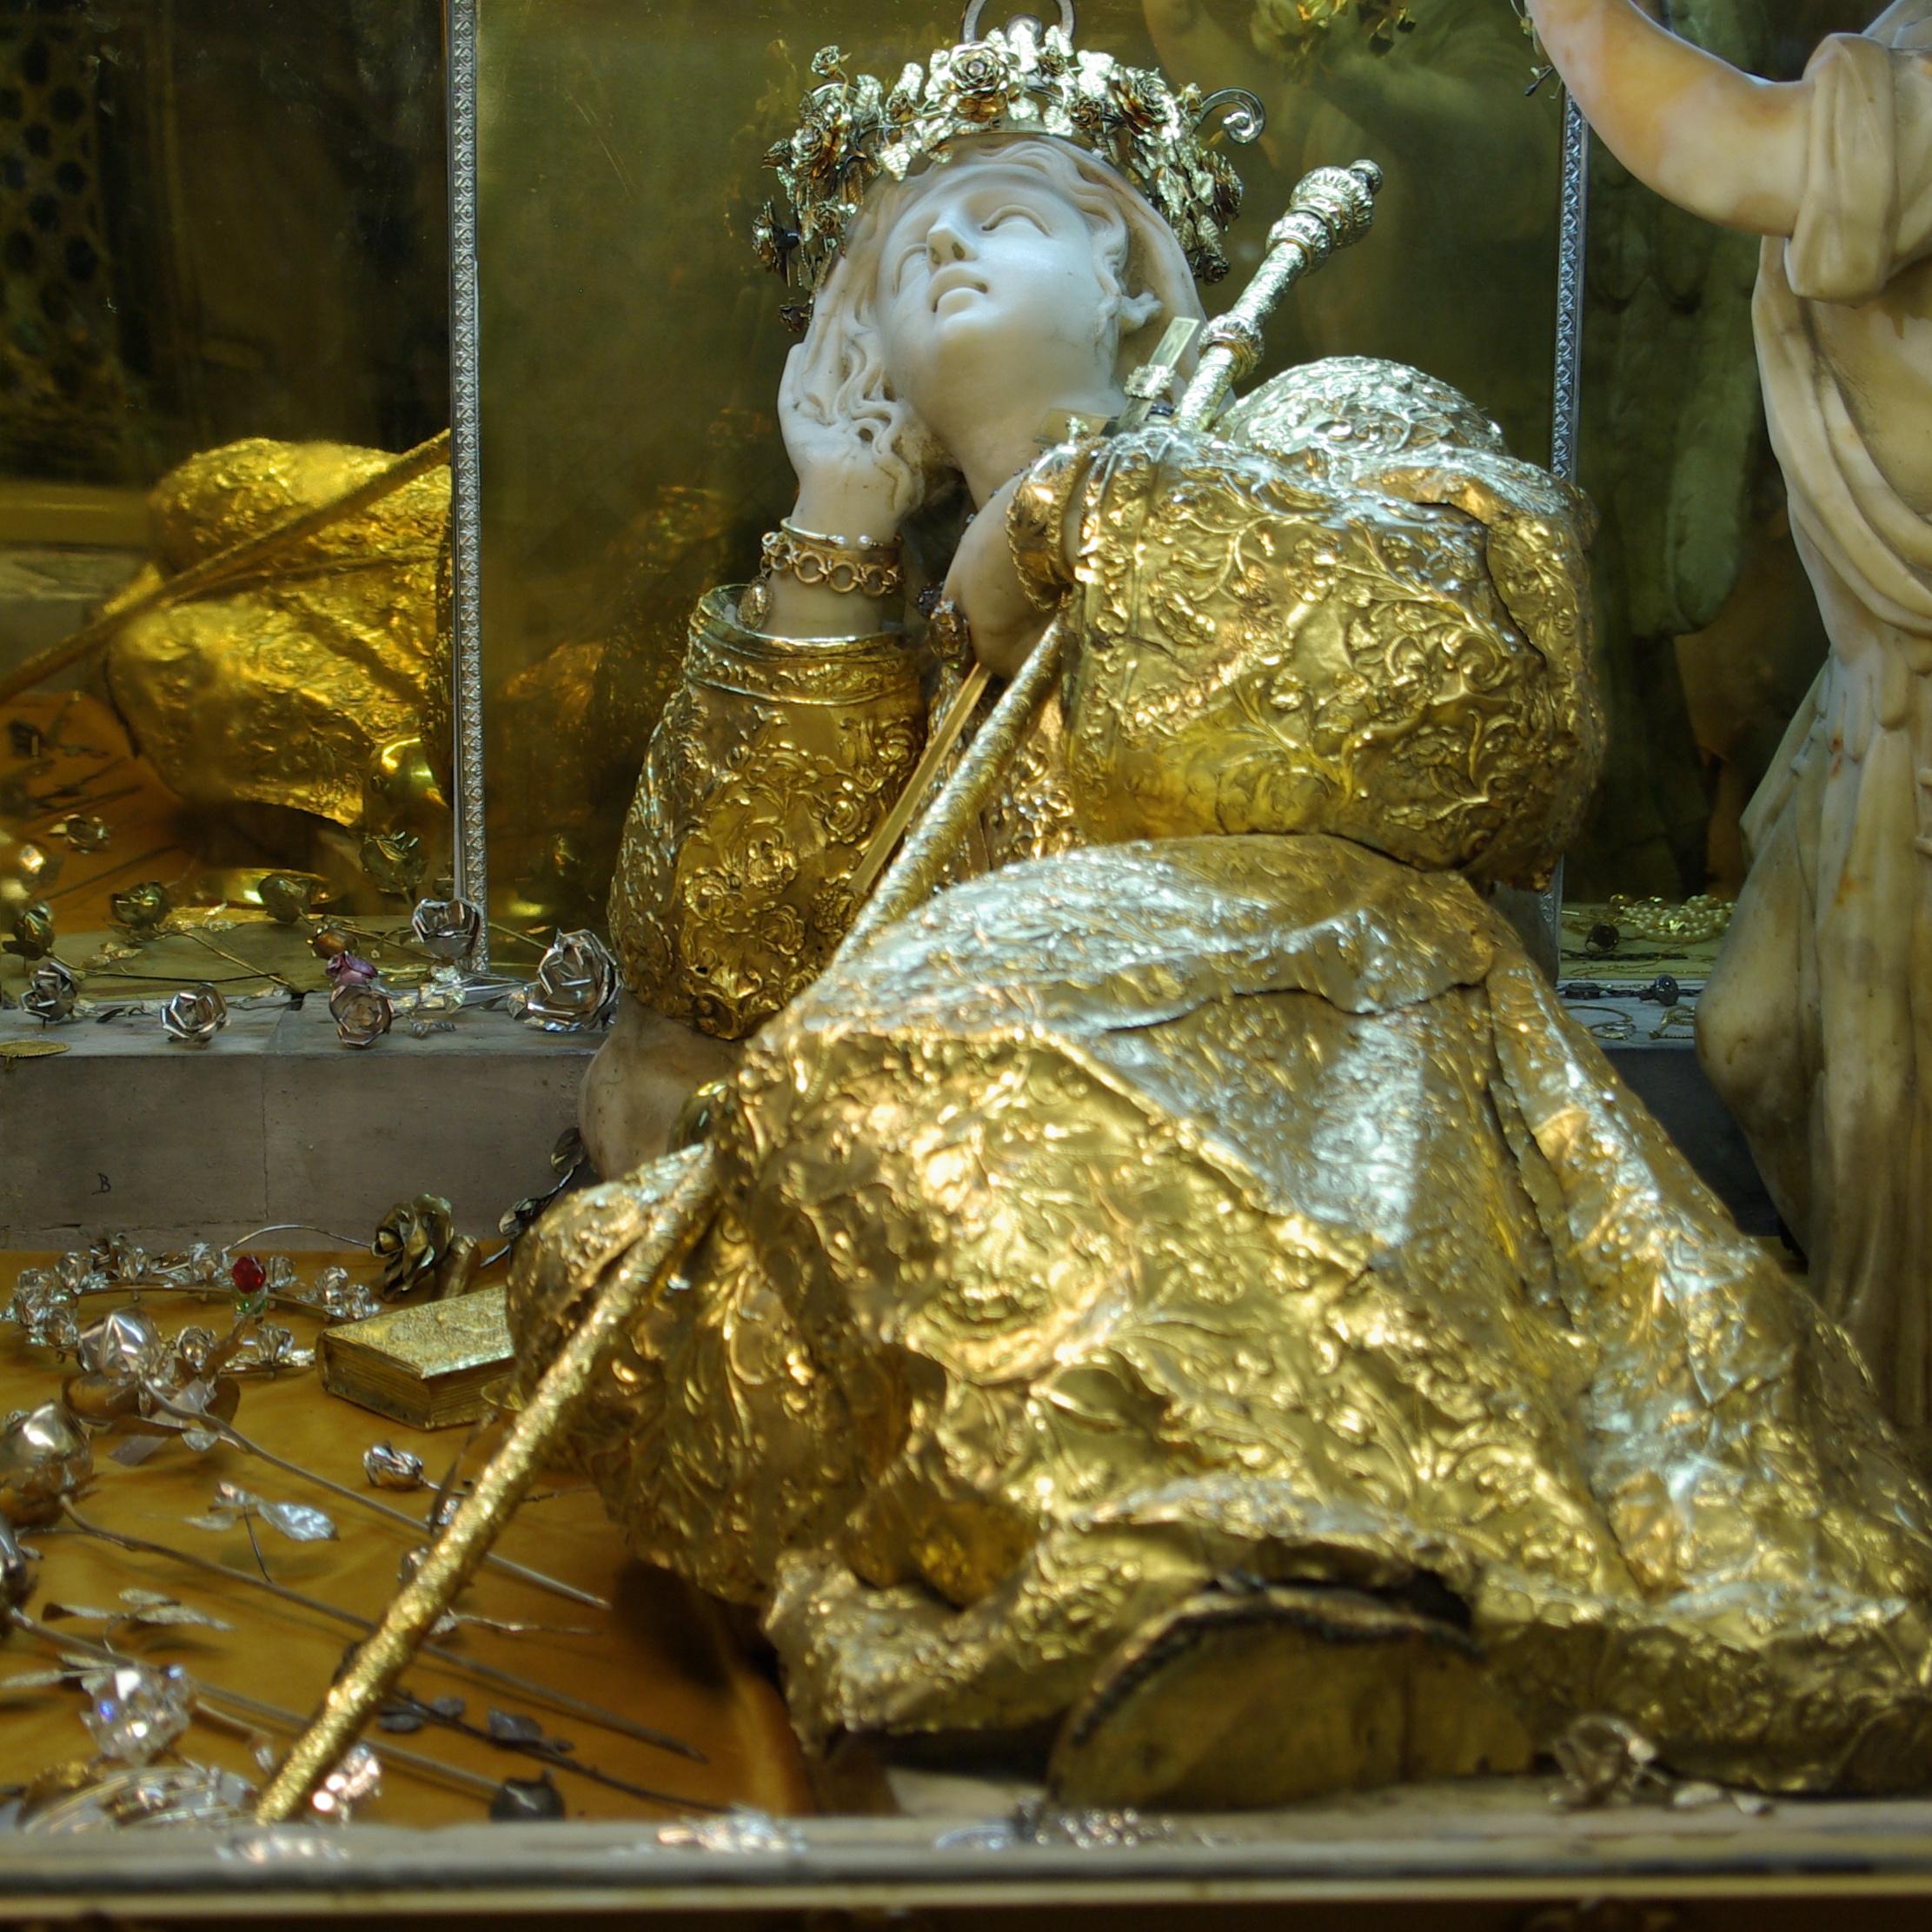 Monte_Pellegrino_BW_2012-10-09_15-39-09.JPG